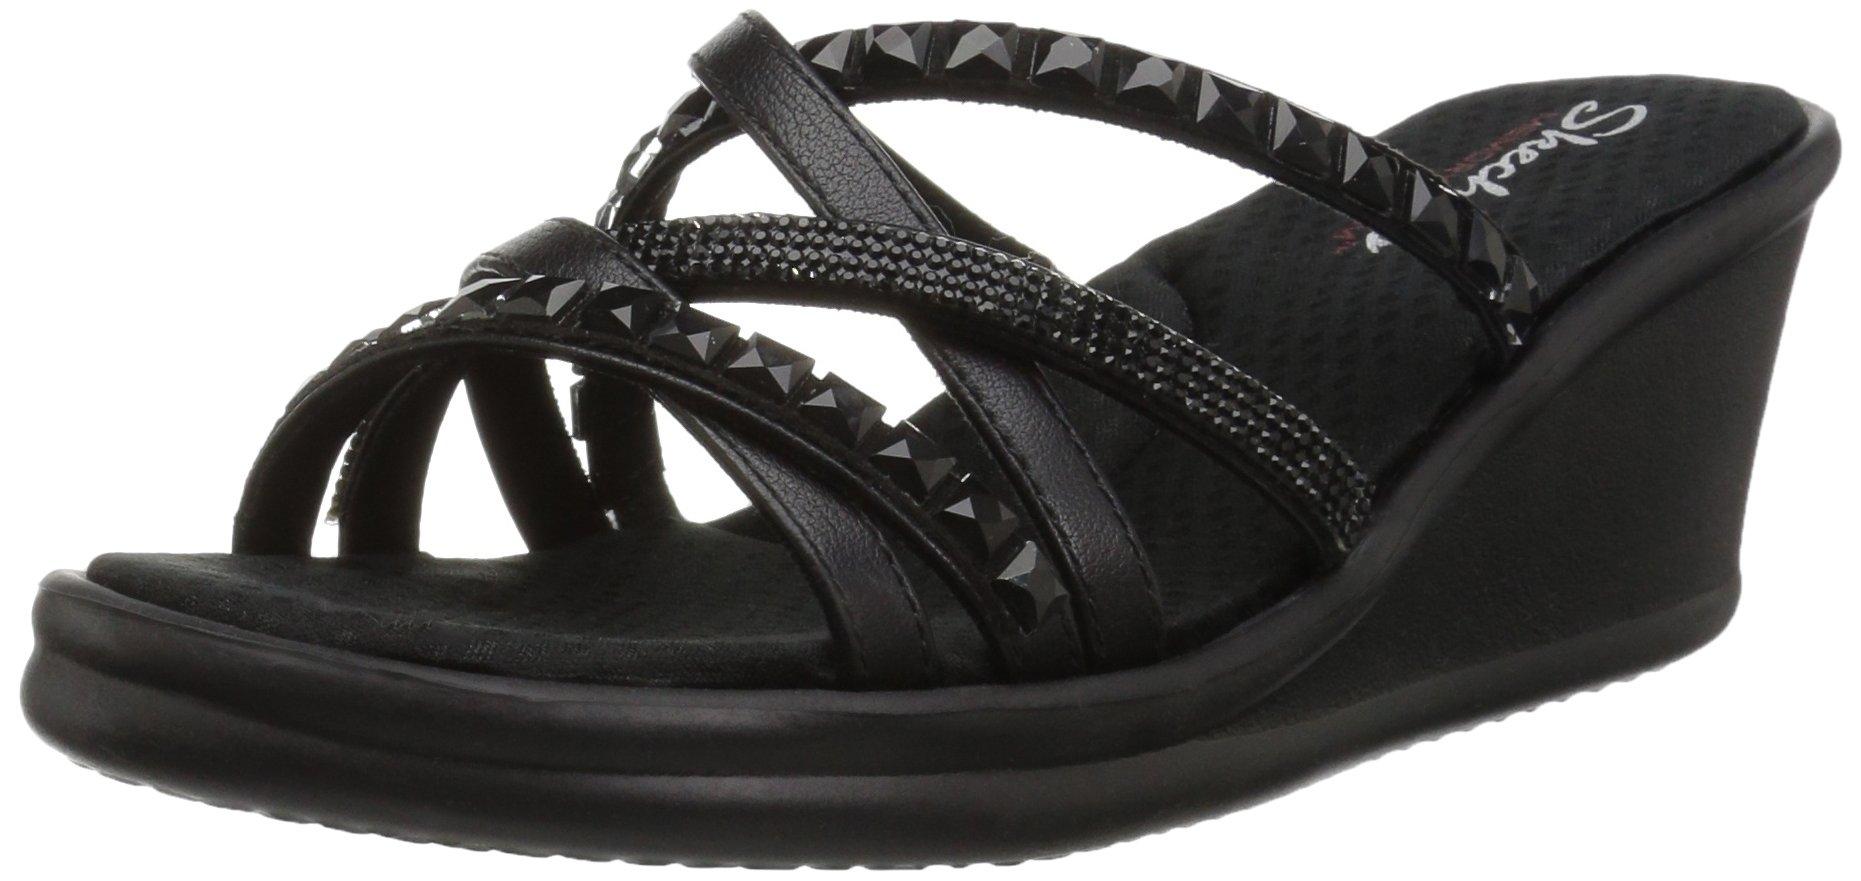 Skechers Women's Rumblers-Glass Flowers-Rhinestone Multi-Strap Slide Wedge Sandal, Black/Black, 5 M US